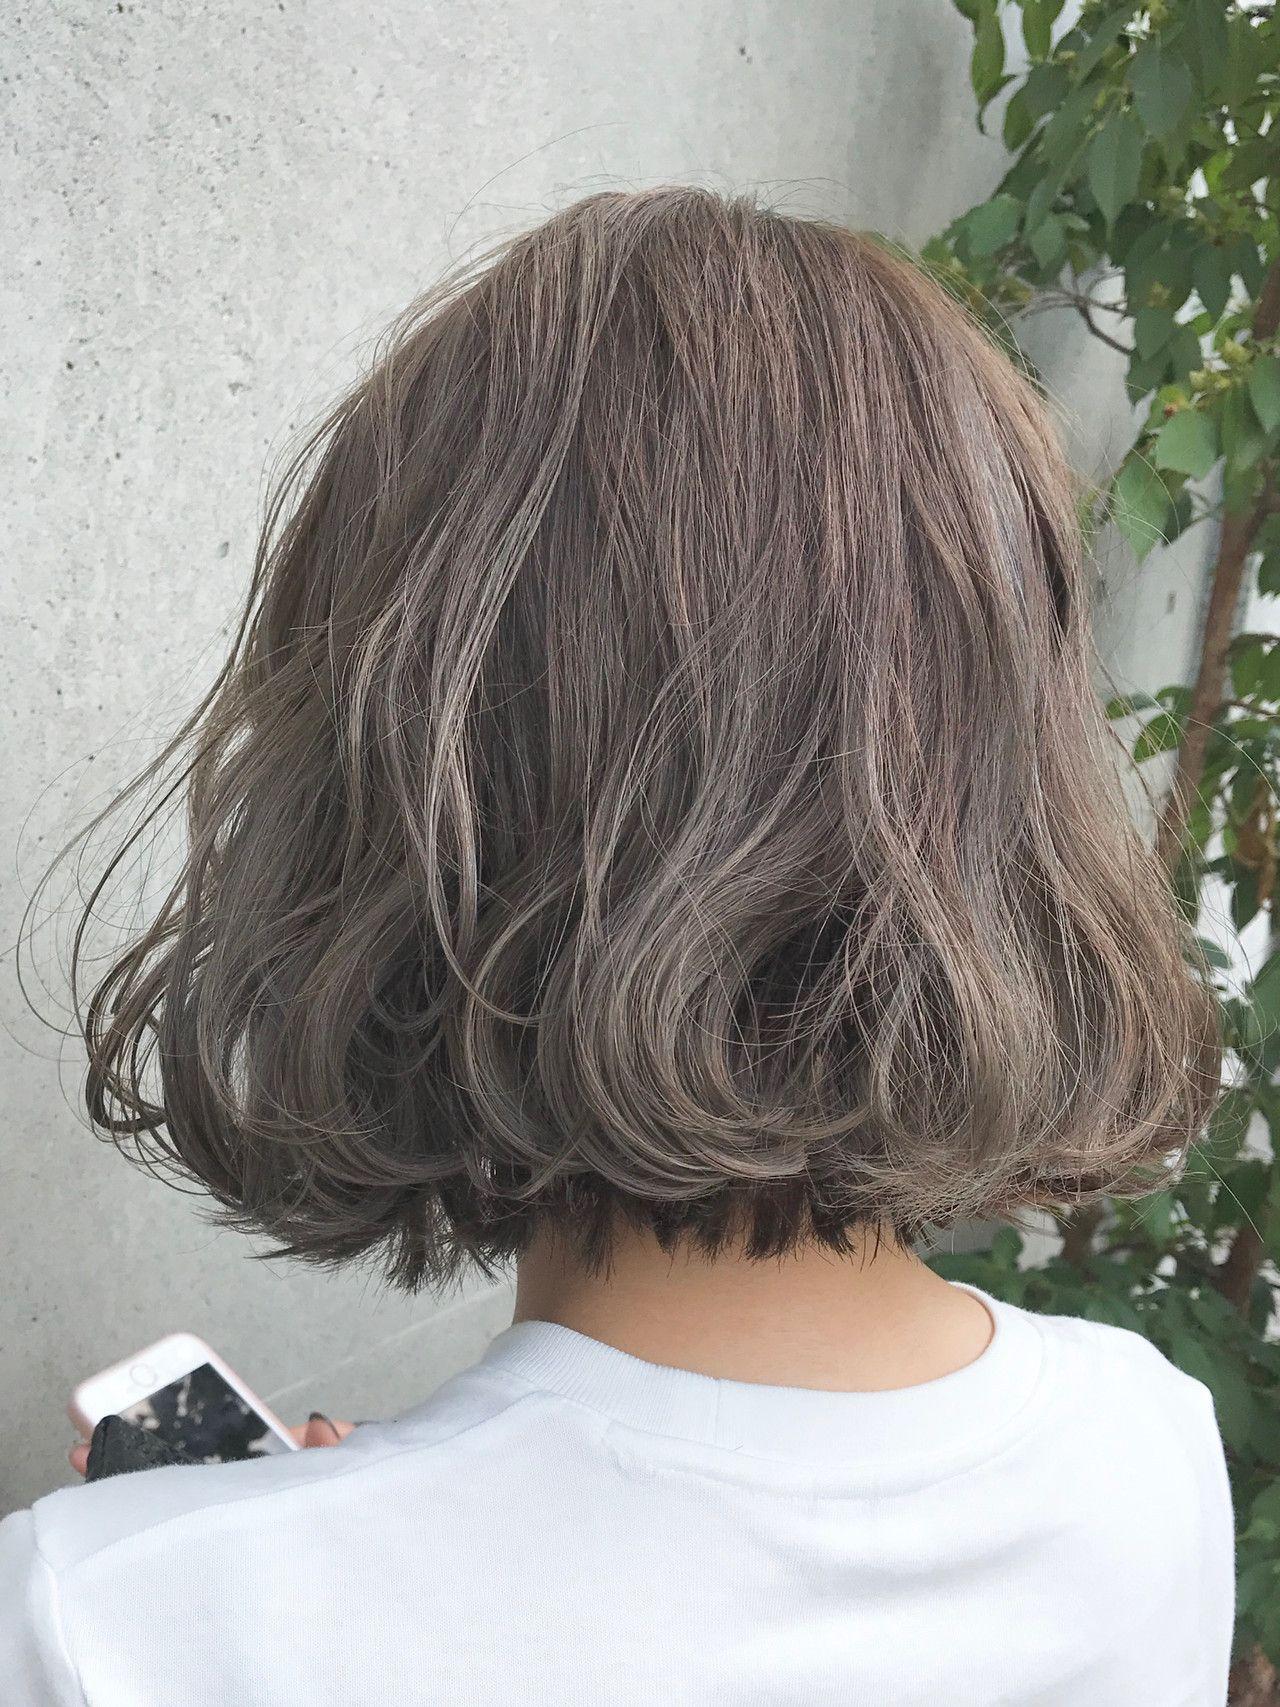 オリーブベージュハイライト 髪色 ベージュ ヘアスタイリング 切り